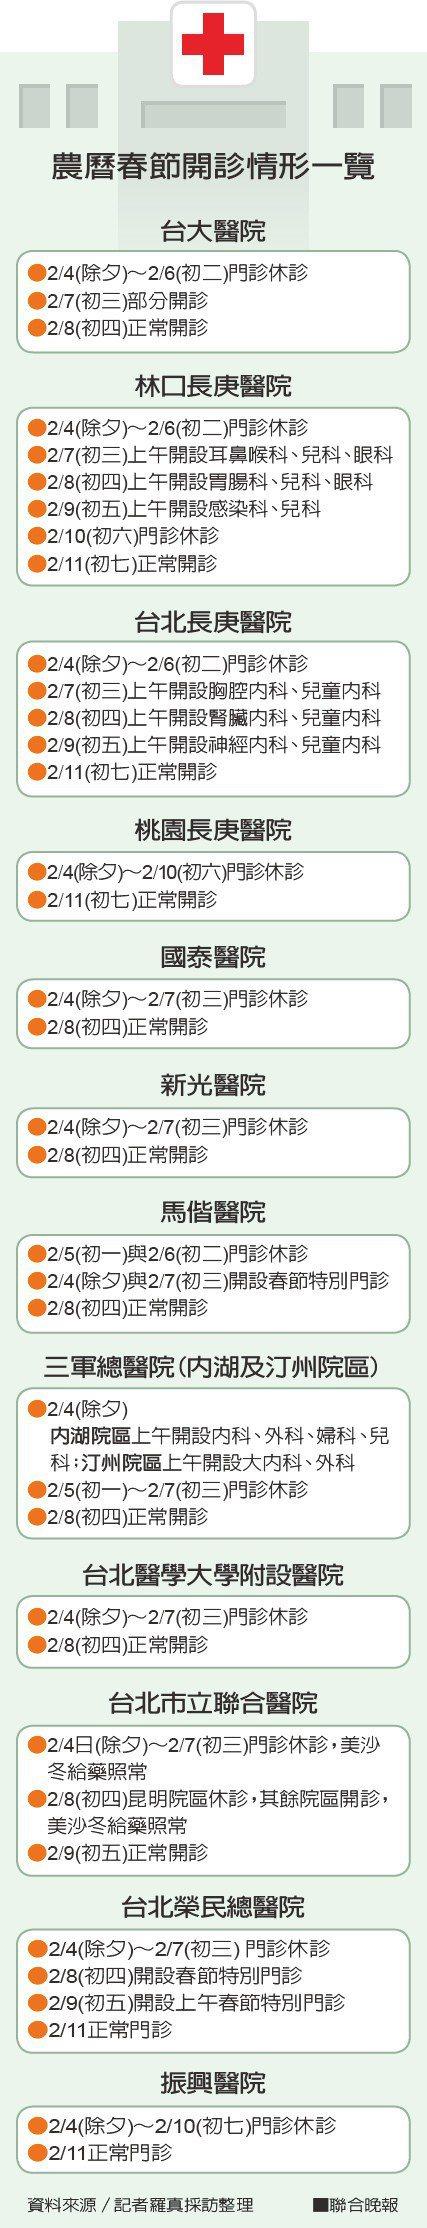 農曆春節開診情形一覽 資料來源/記者羅真採訪整理